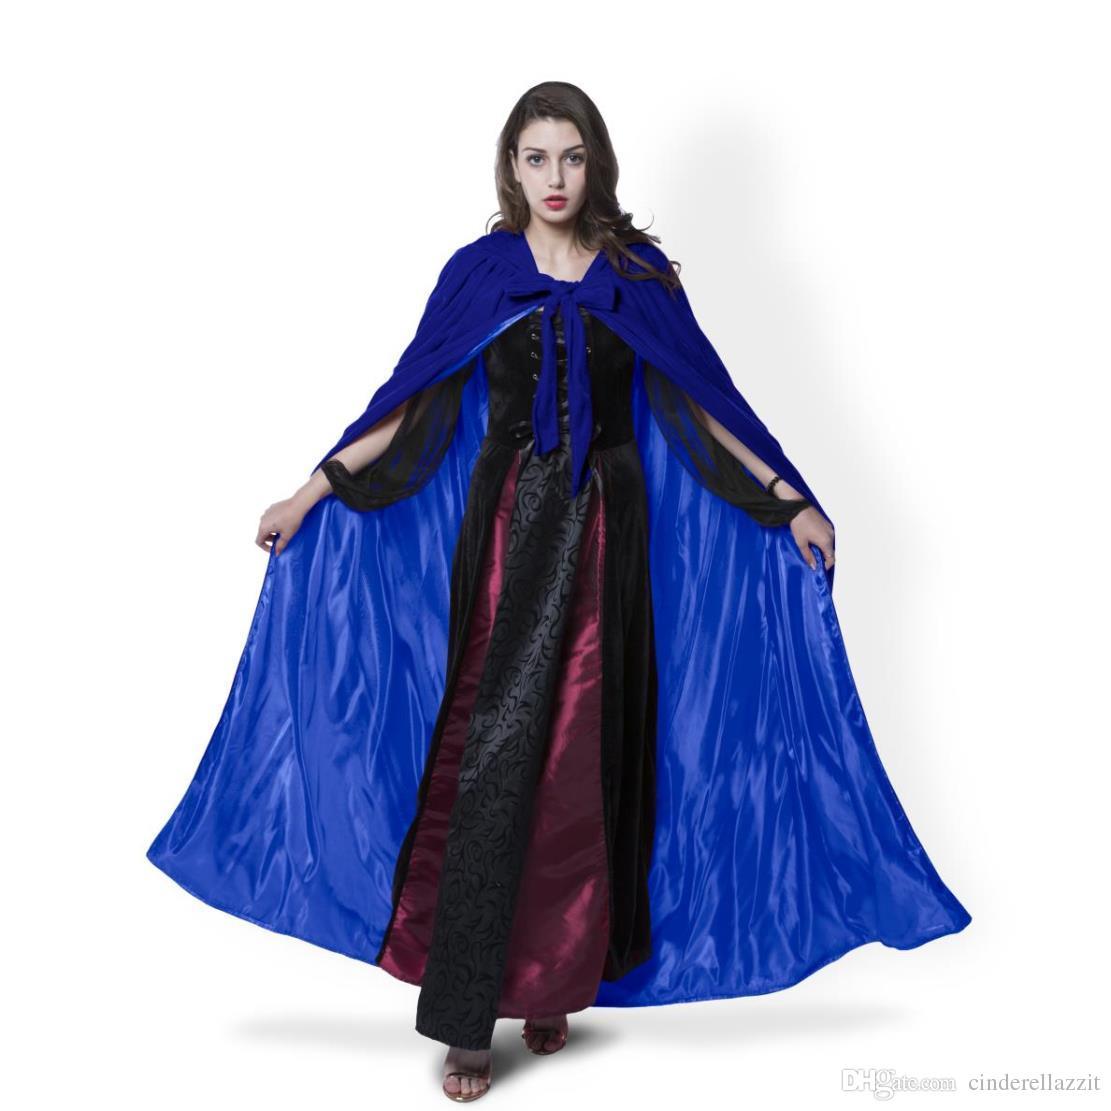 Acquista Fodera Blu E i Mantello Di Velluto Vampiro Gotico Wicca Robe Caldo  Outdoor Mantella Mantella Medievale Mantovana Da Donna Mantello Da Sposa  Wraps ... 3b38c7b51595